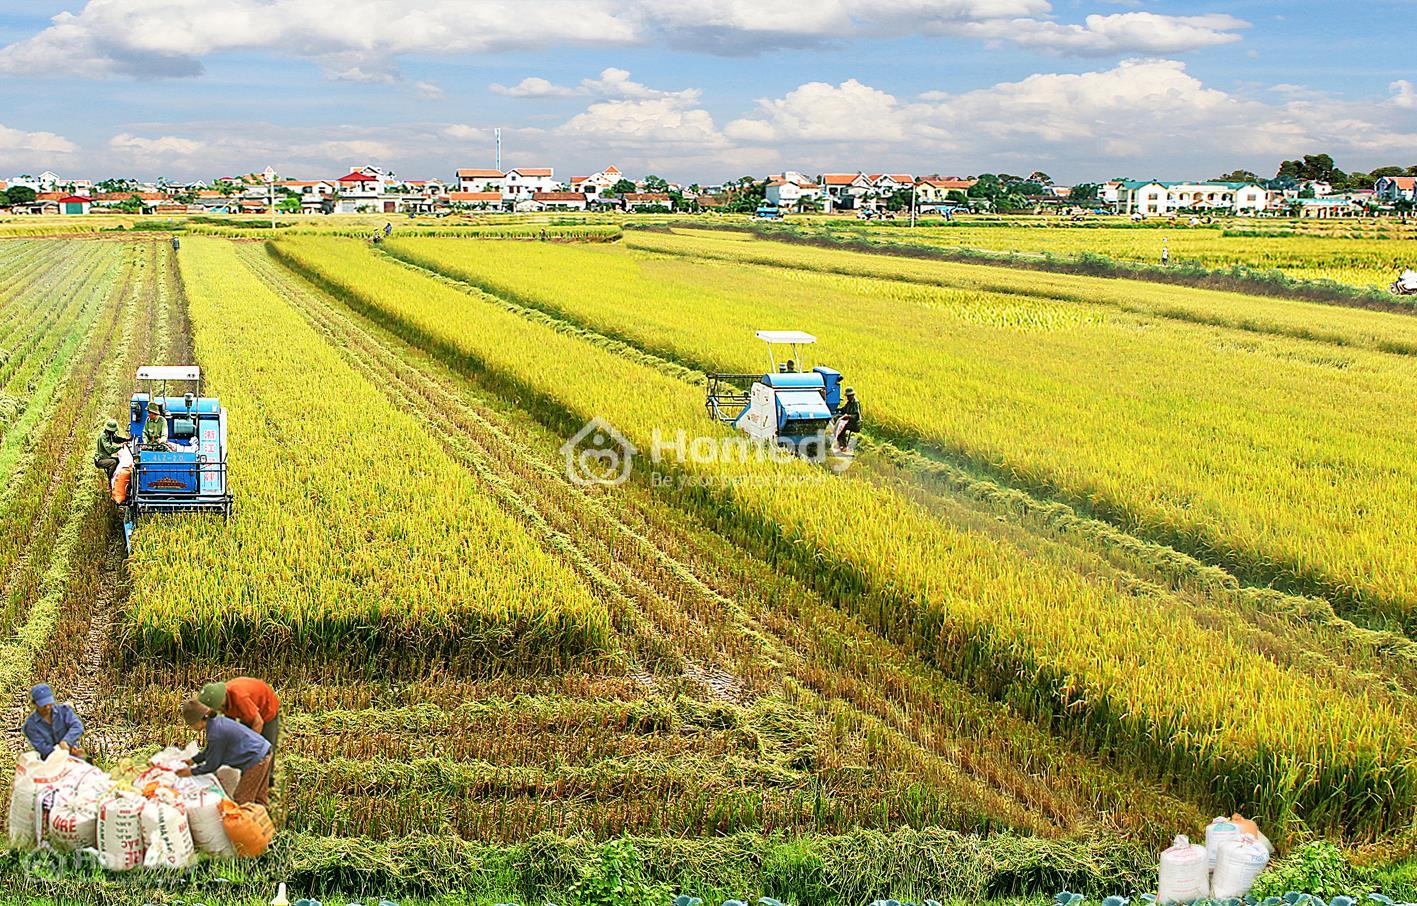 Đất công ích là gì? Xin giao đất công ích để sản xuất nông nghiệp được không?